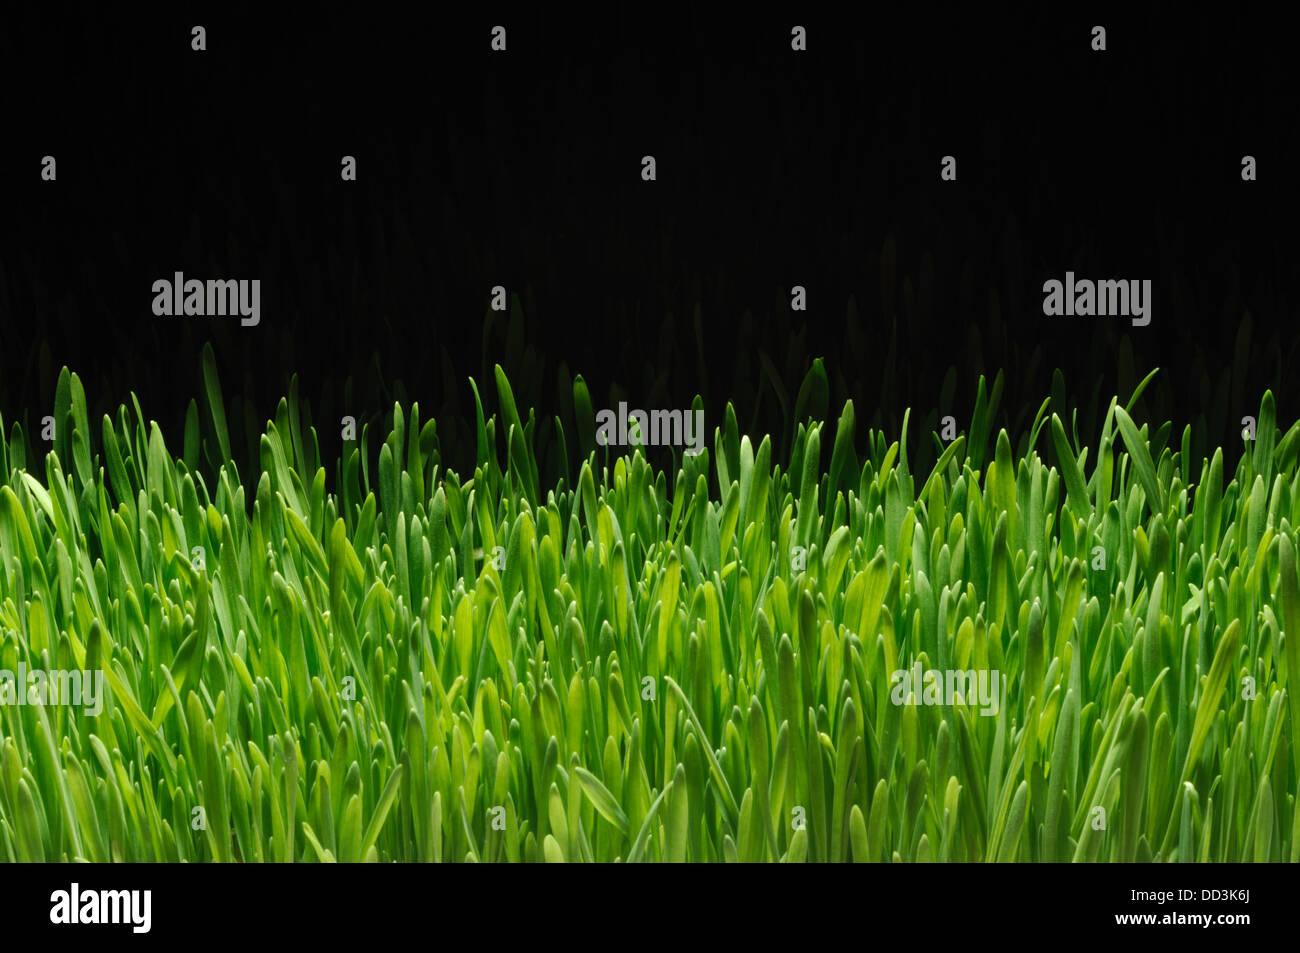 Una sezione della coltivazione di erba verde su sfondo nero Immagini Stock